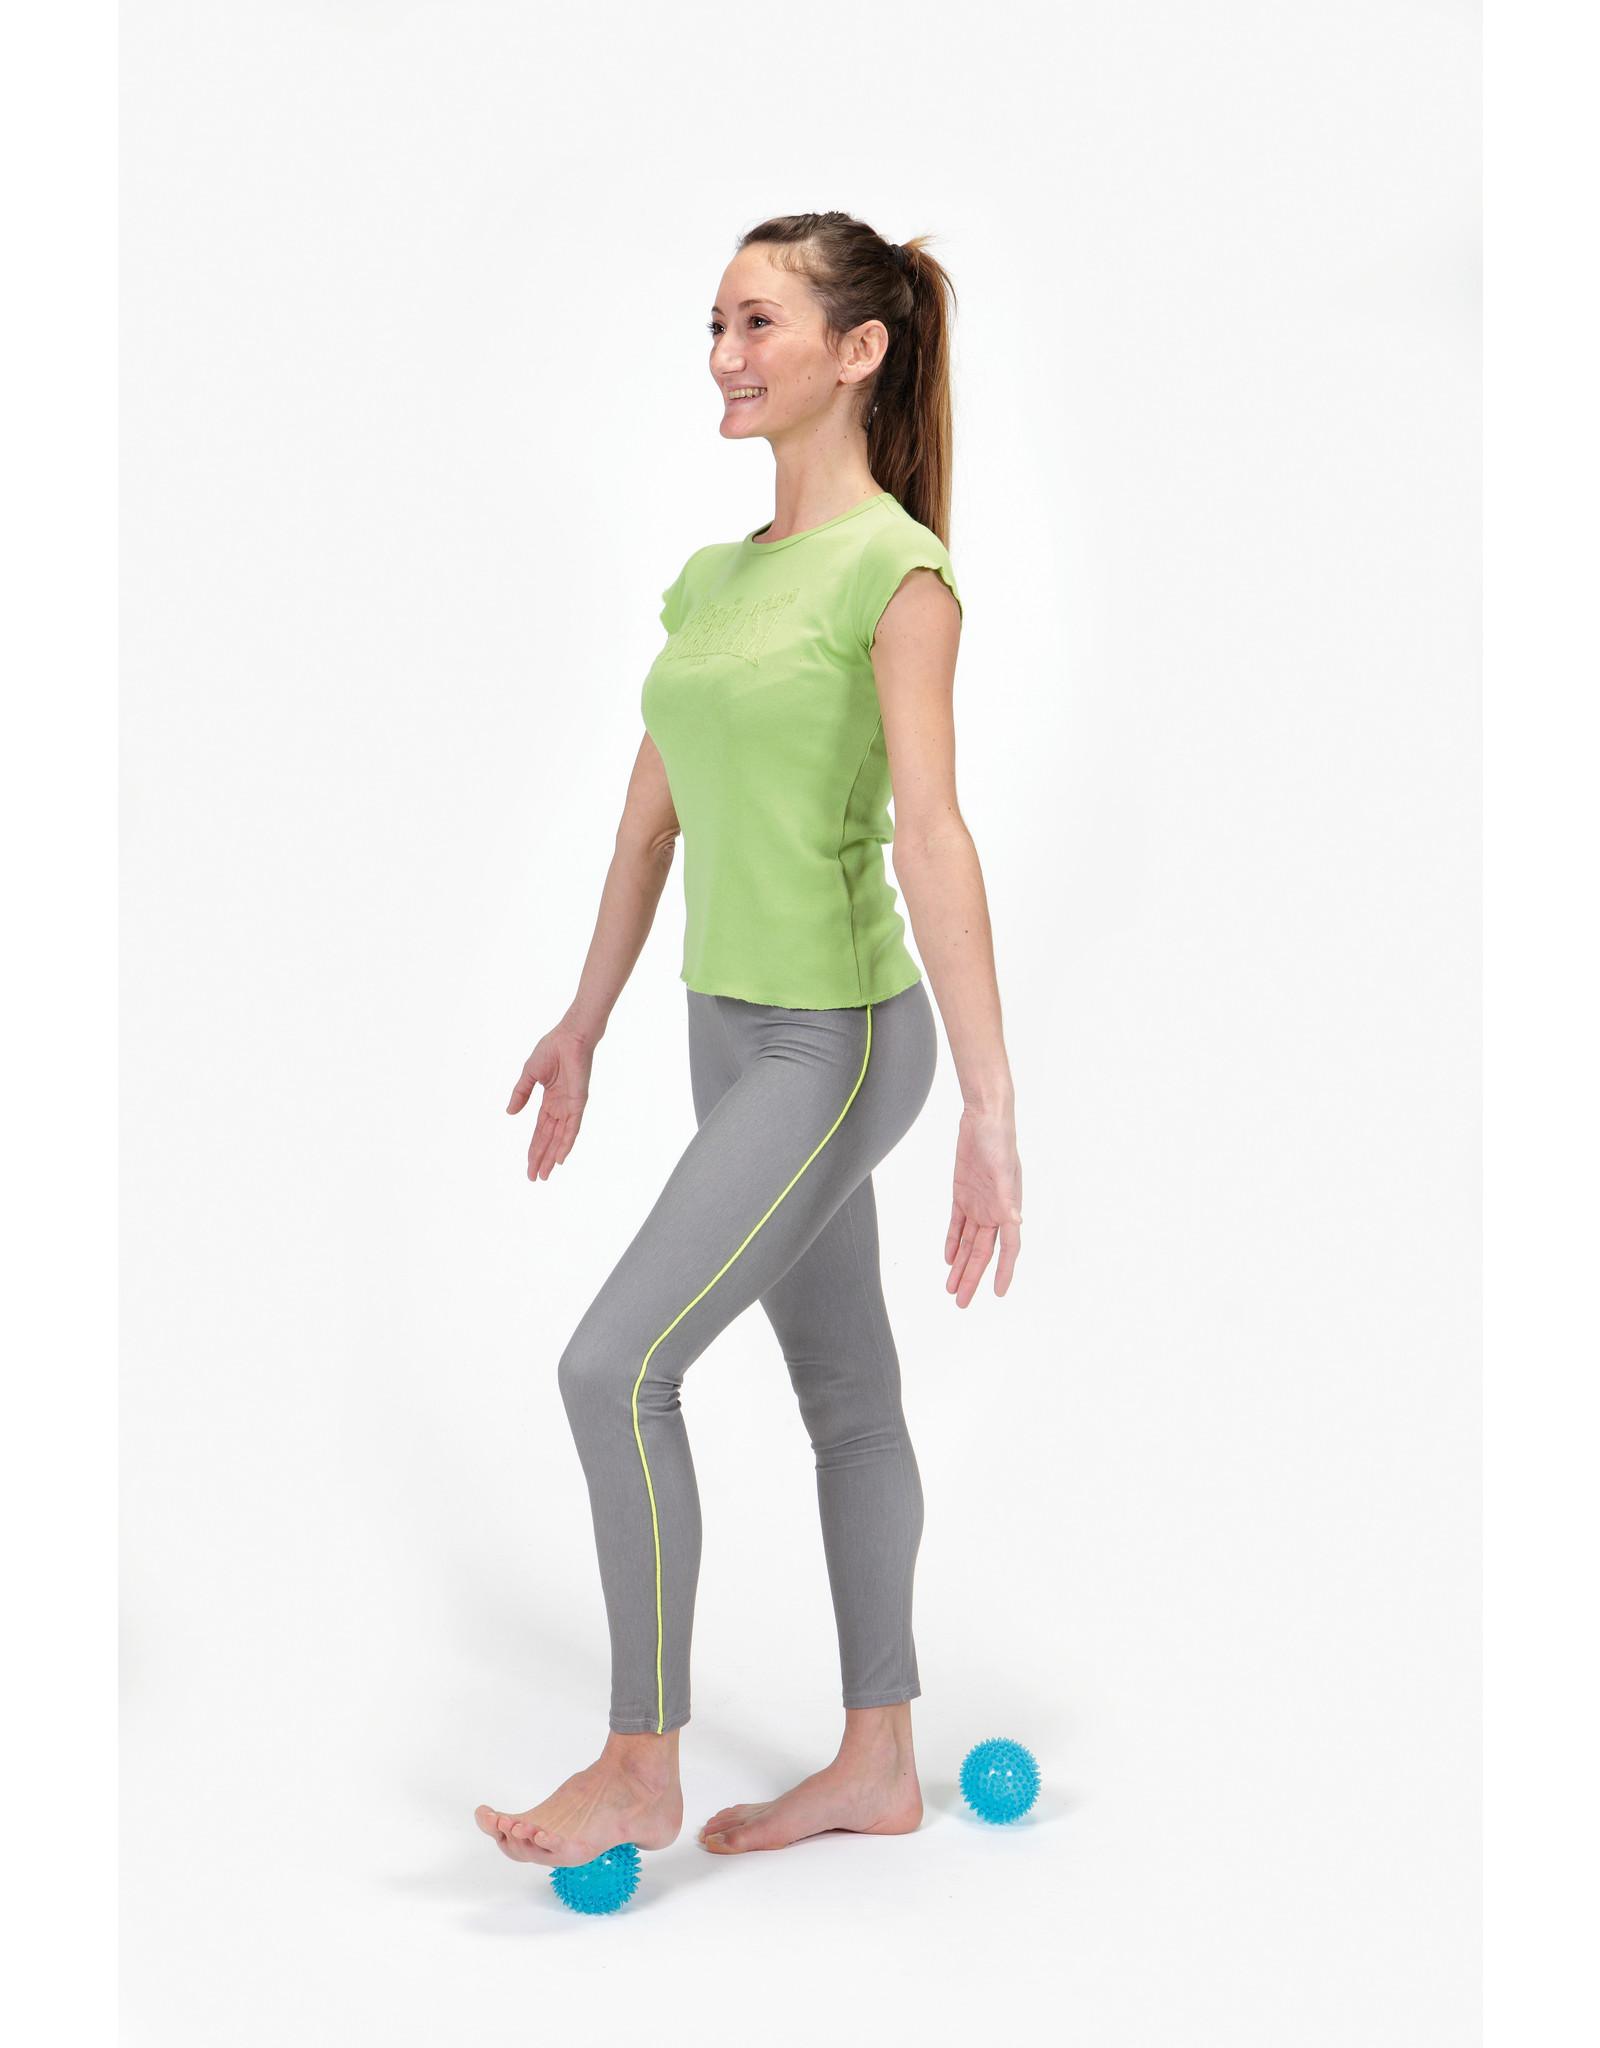 Gymnic Reflexball  set 6 / B / set of 2 pcs